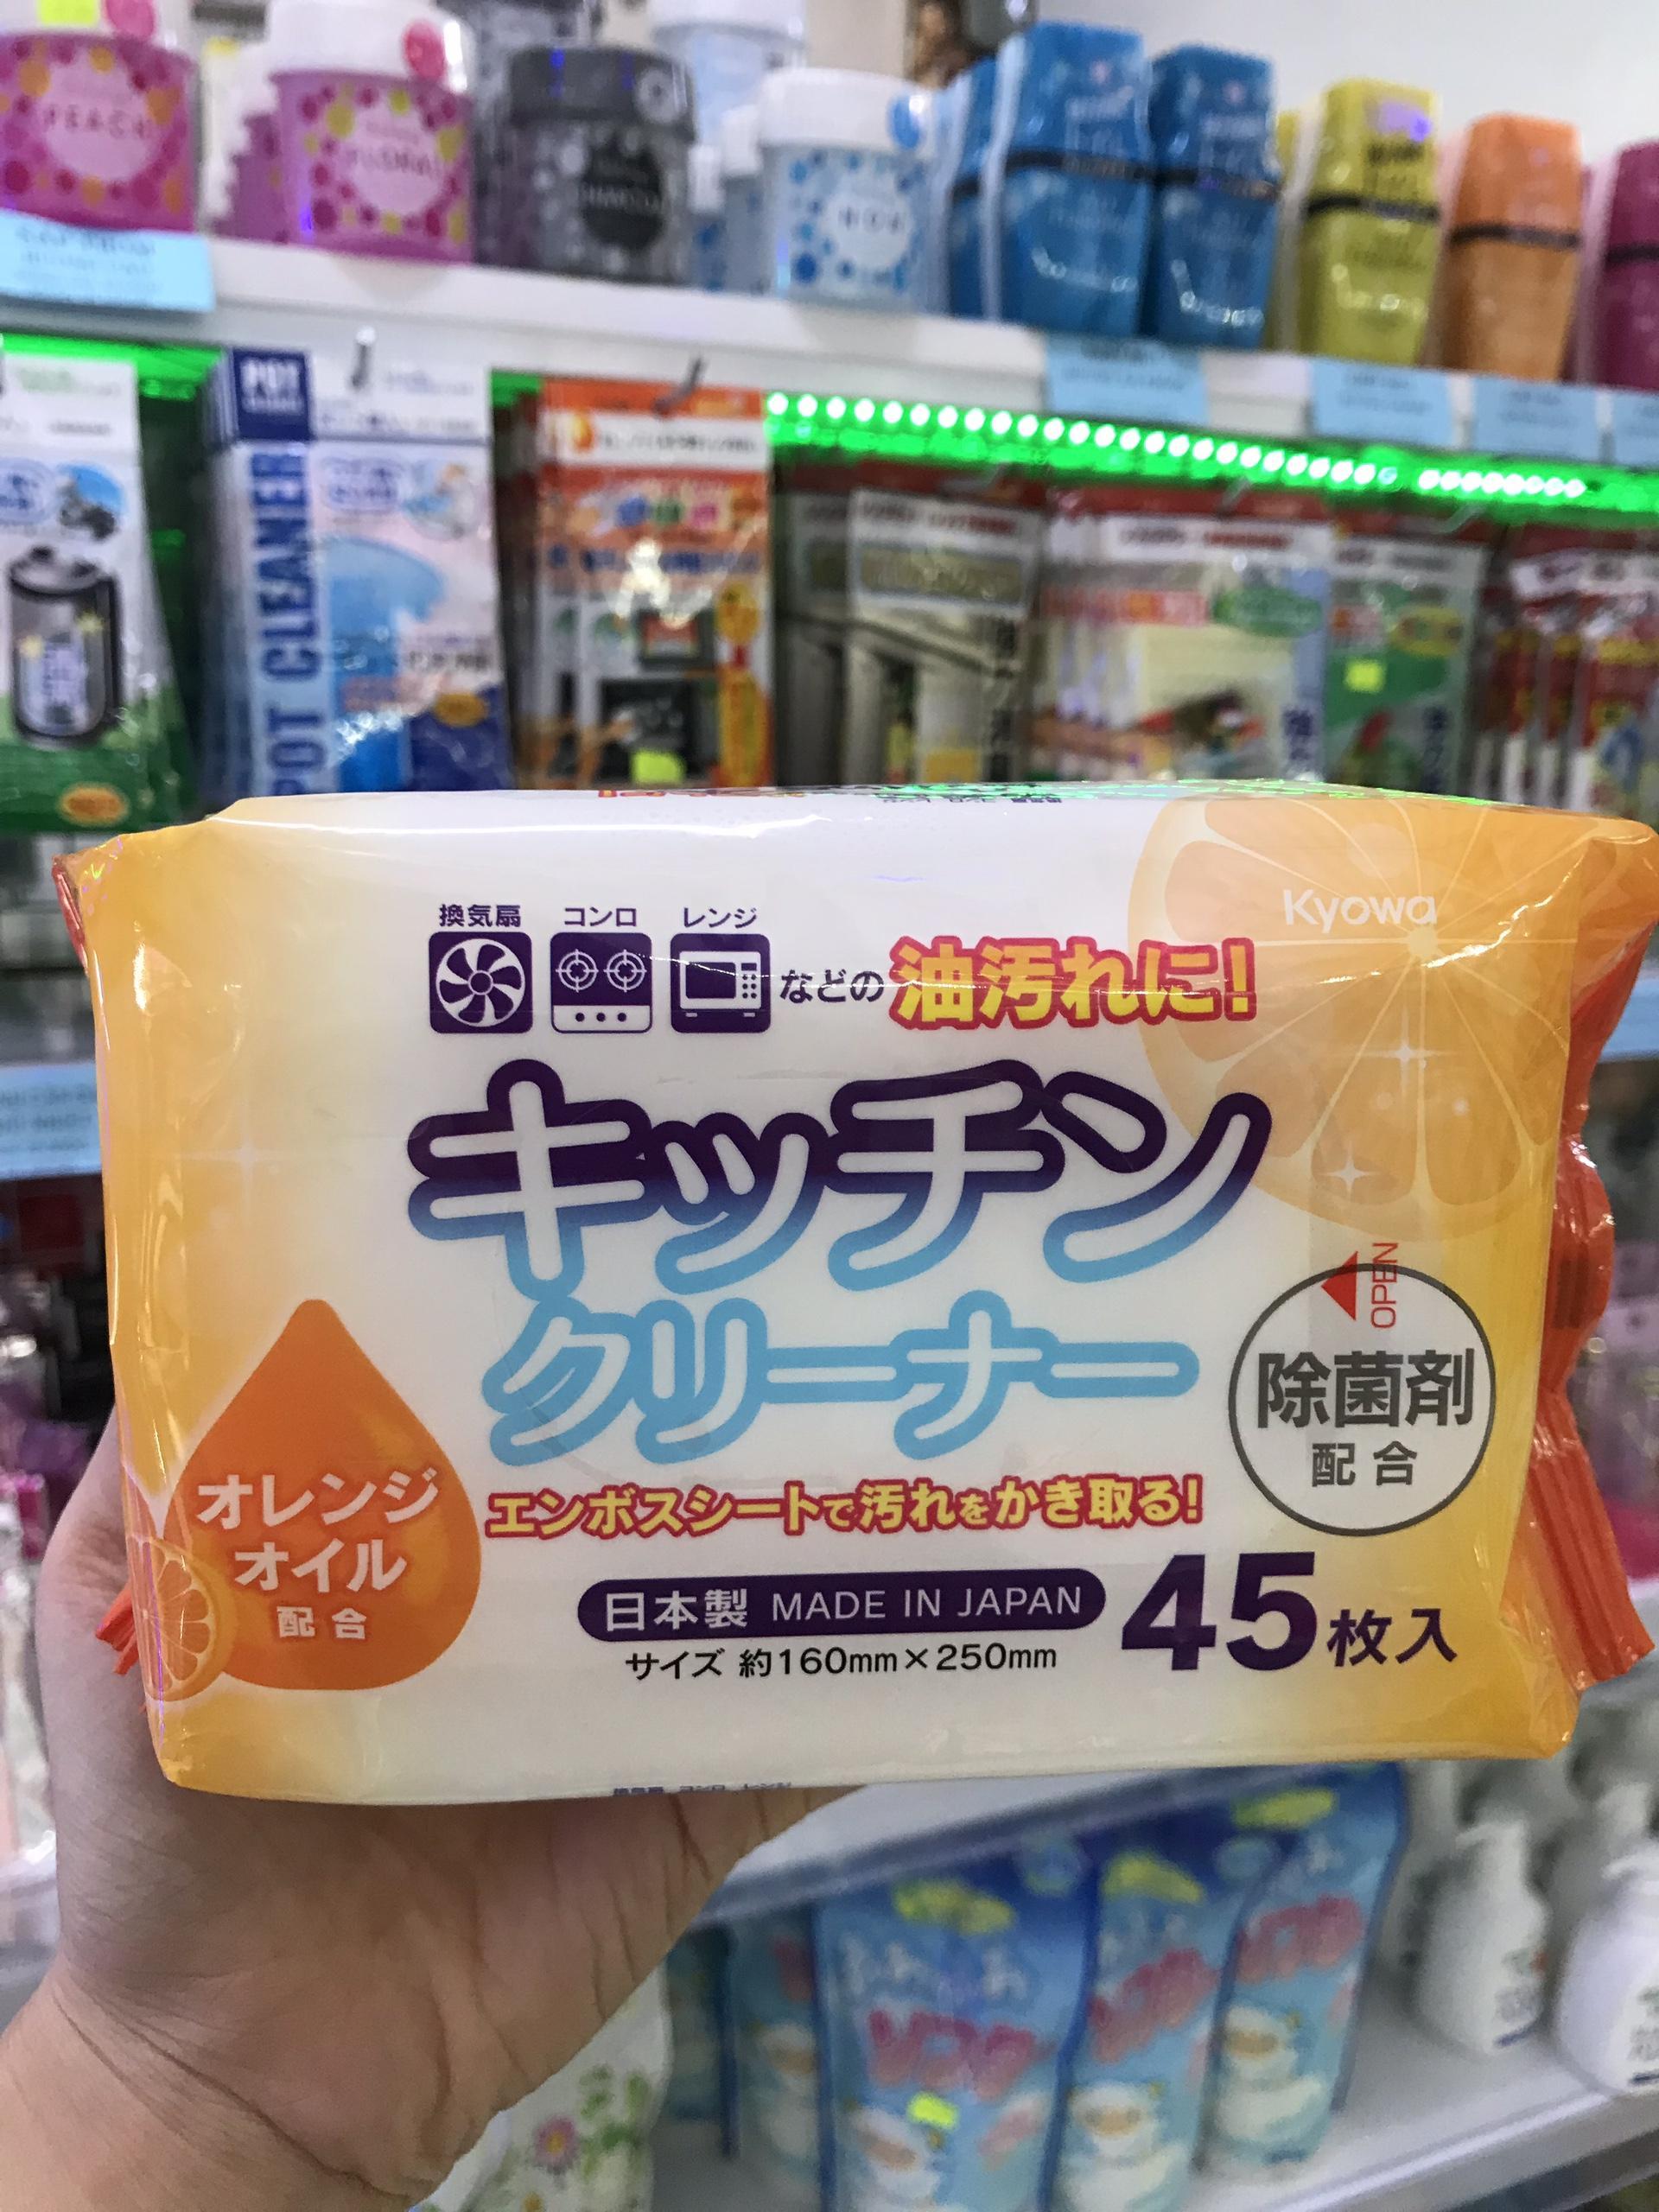 Khăn ướt lau bếp Nippan - Hàng Nội Địa Nhật ( 45 tờ/ túi), dùng lau vết bẩn, dầu mỡ bám trên mặt bếp ,bếp gas, tủ lạnh,...